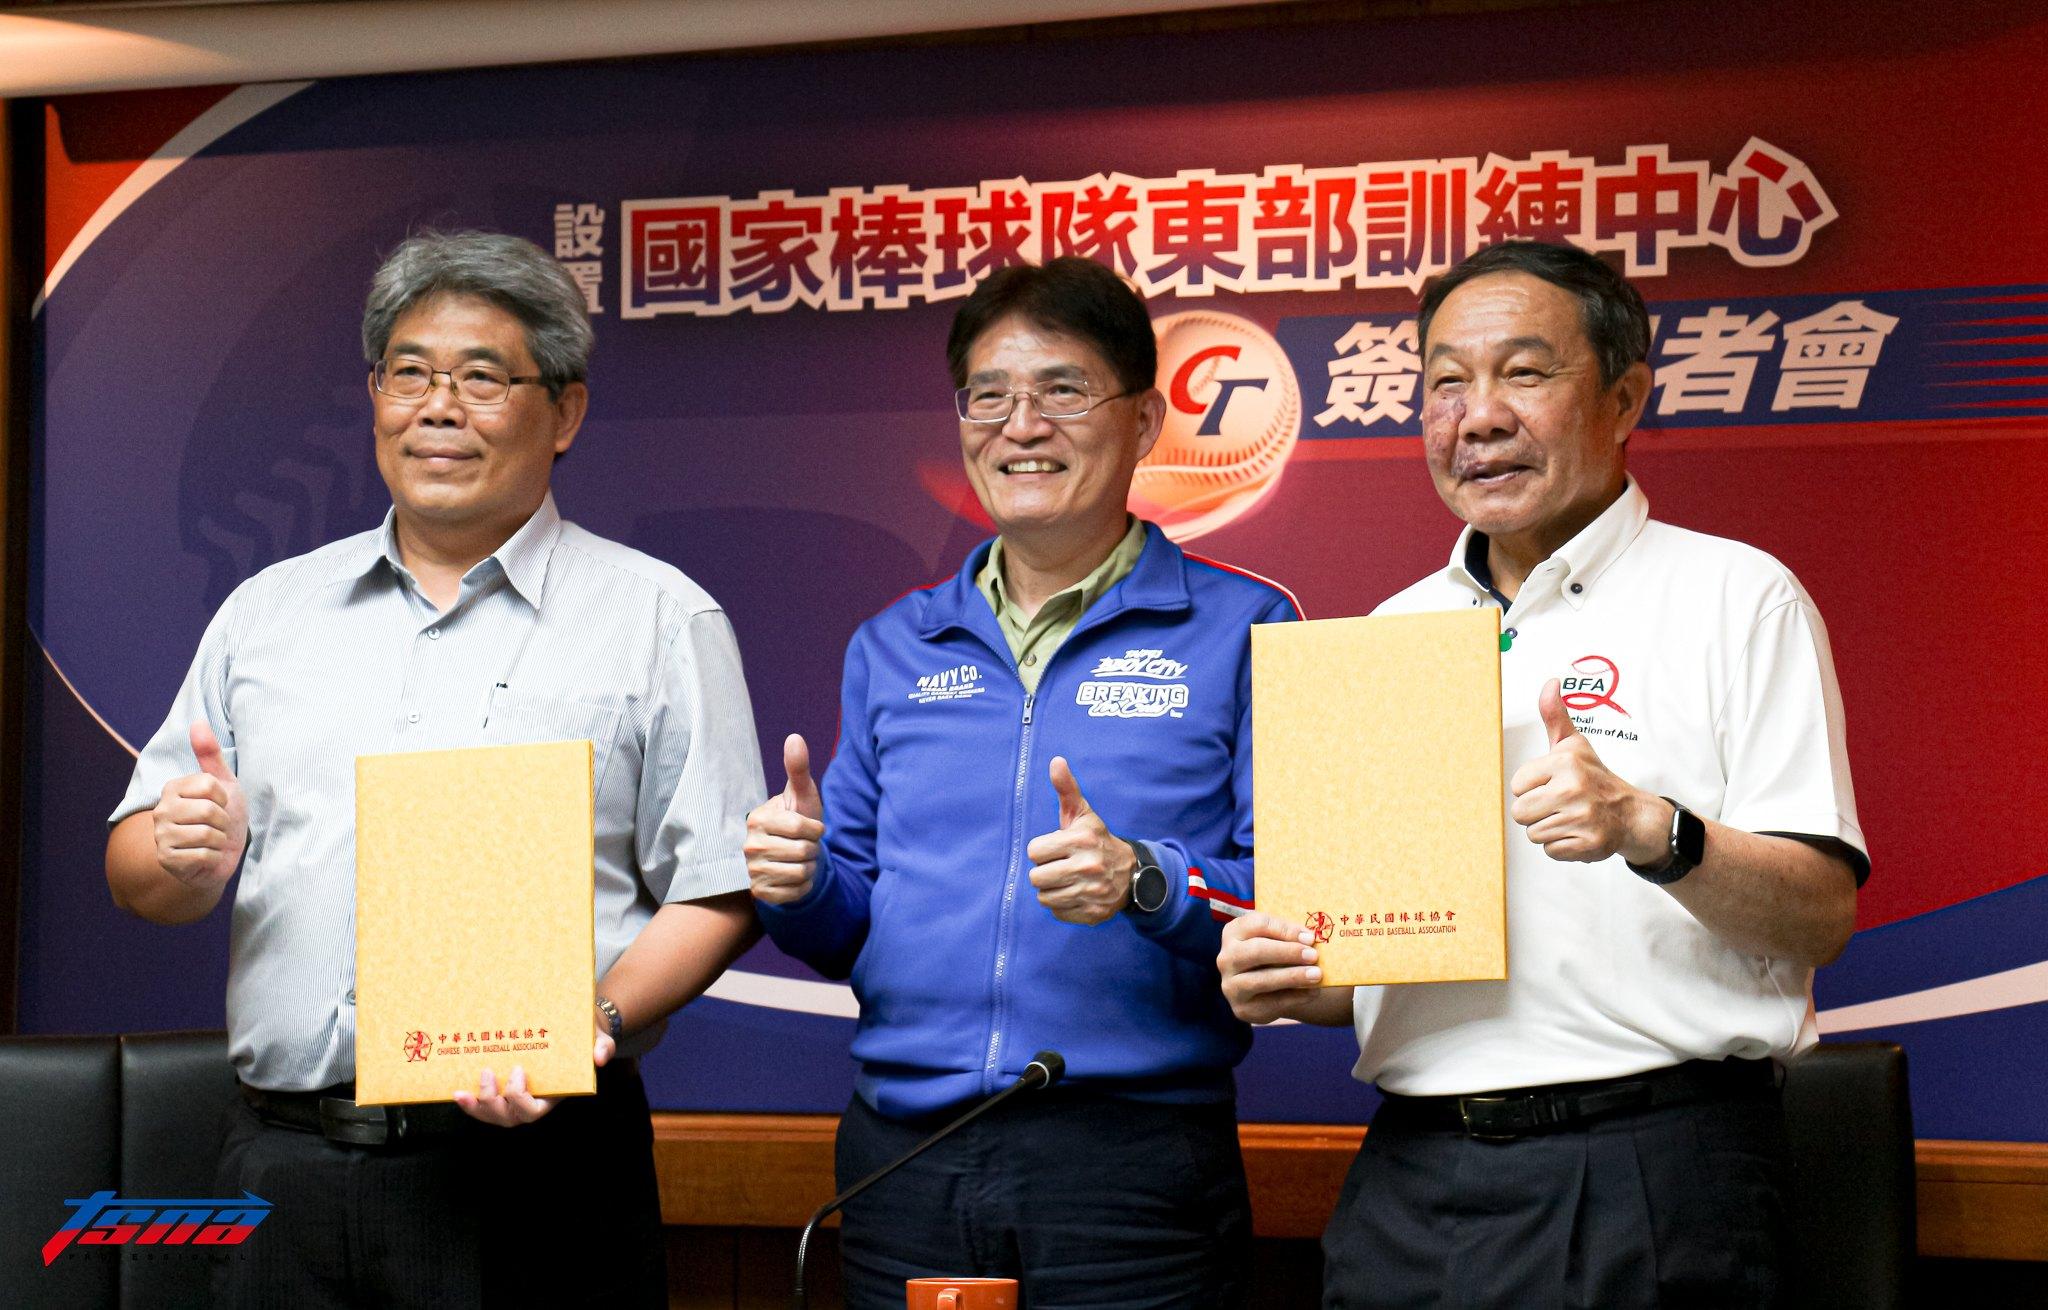 林鴻源(左)、高俊雄(中)、林華韋(右)。(實習記者杜芳玟/攝)